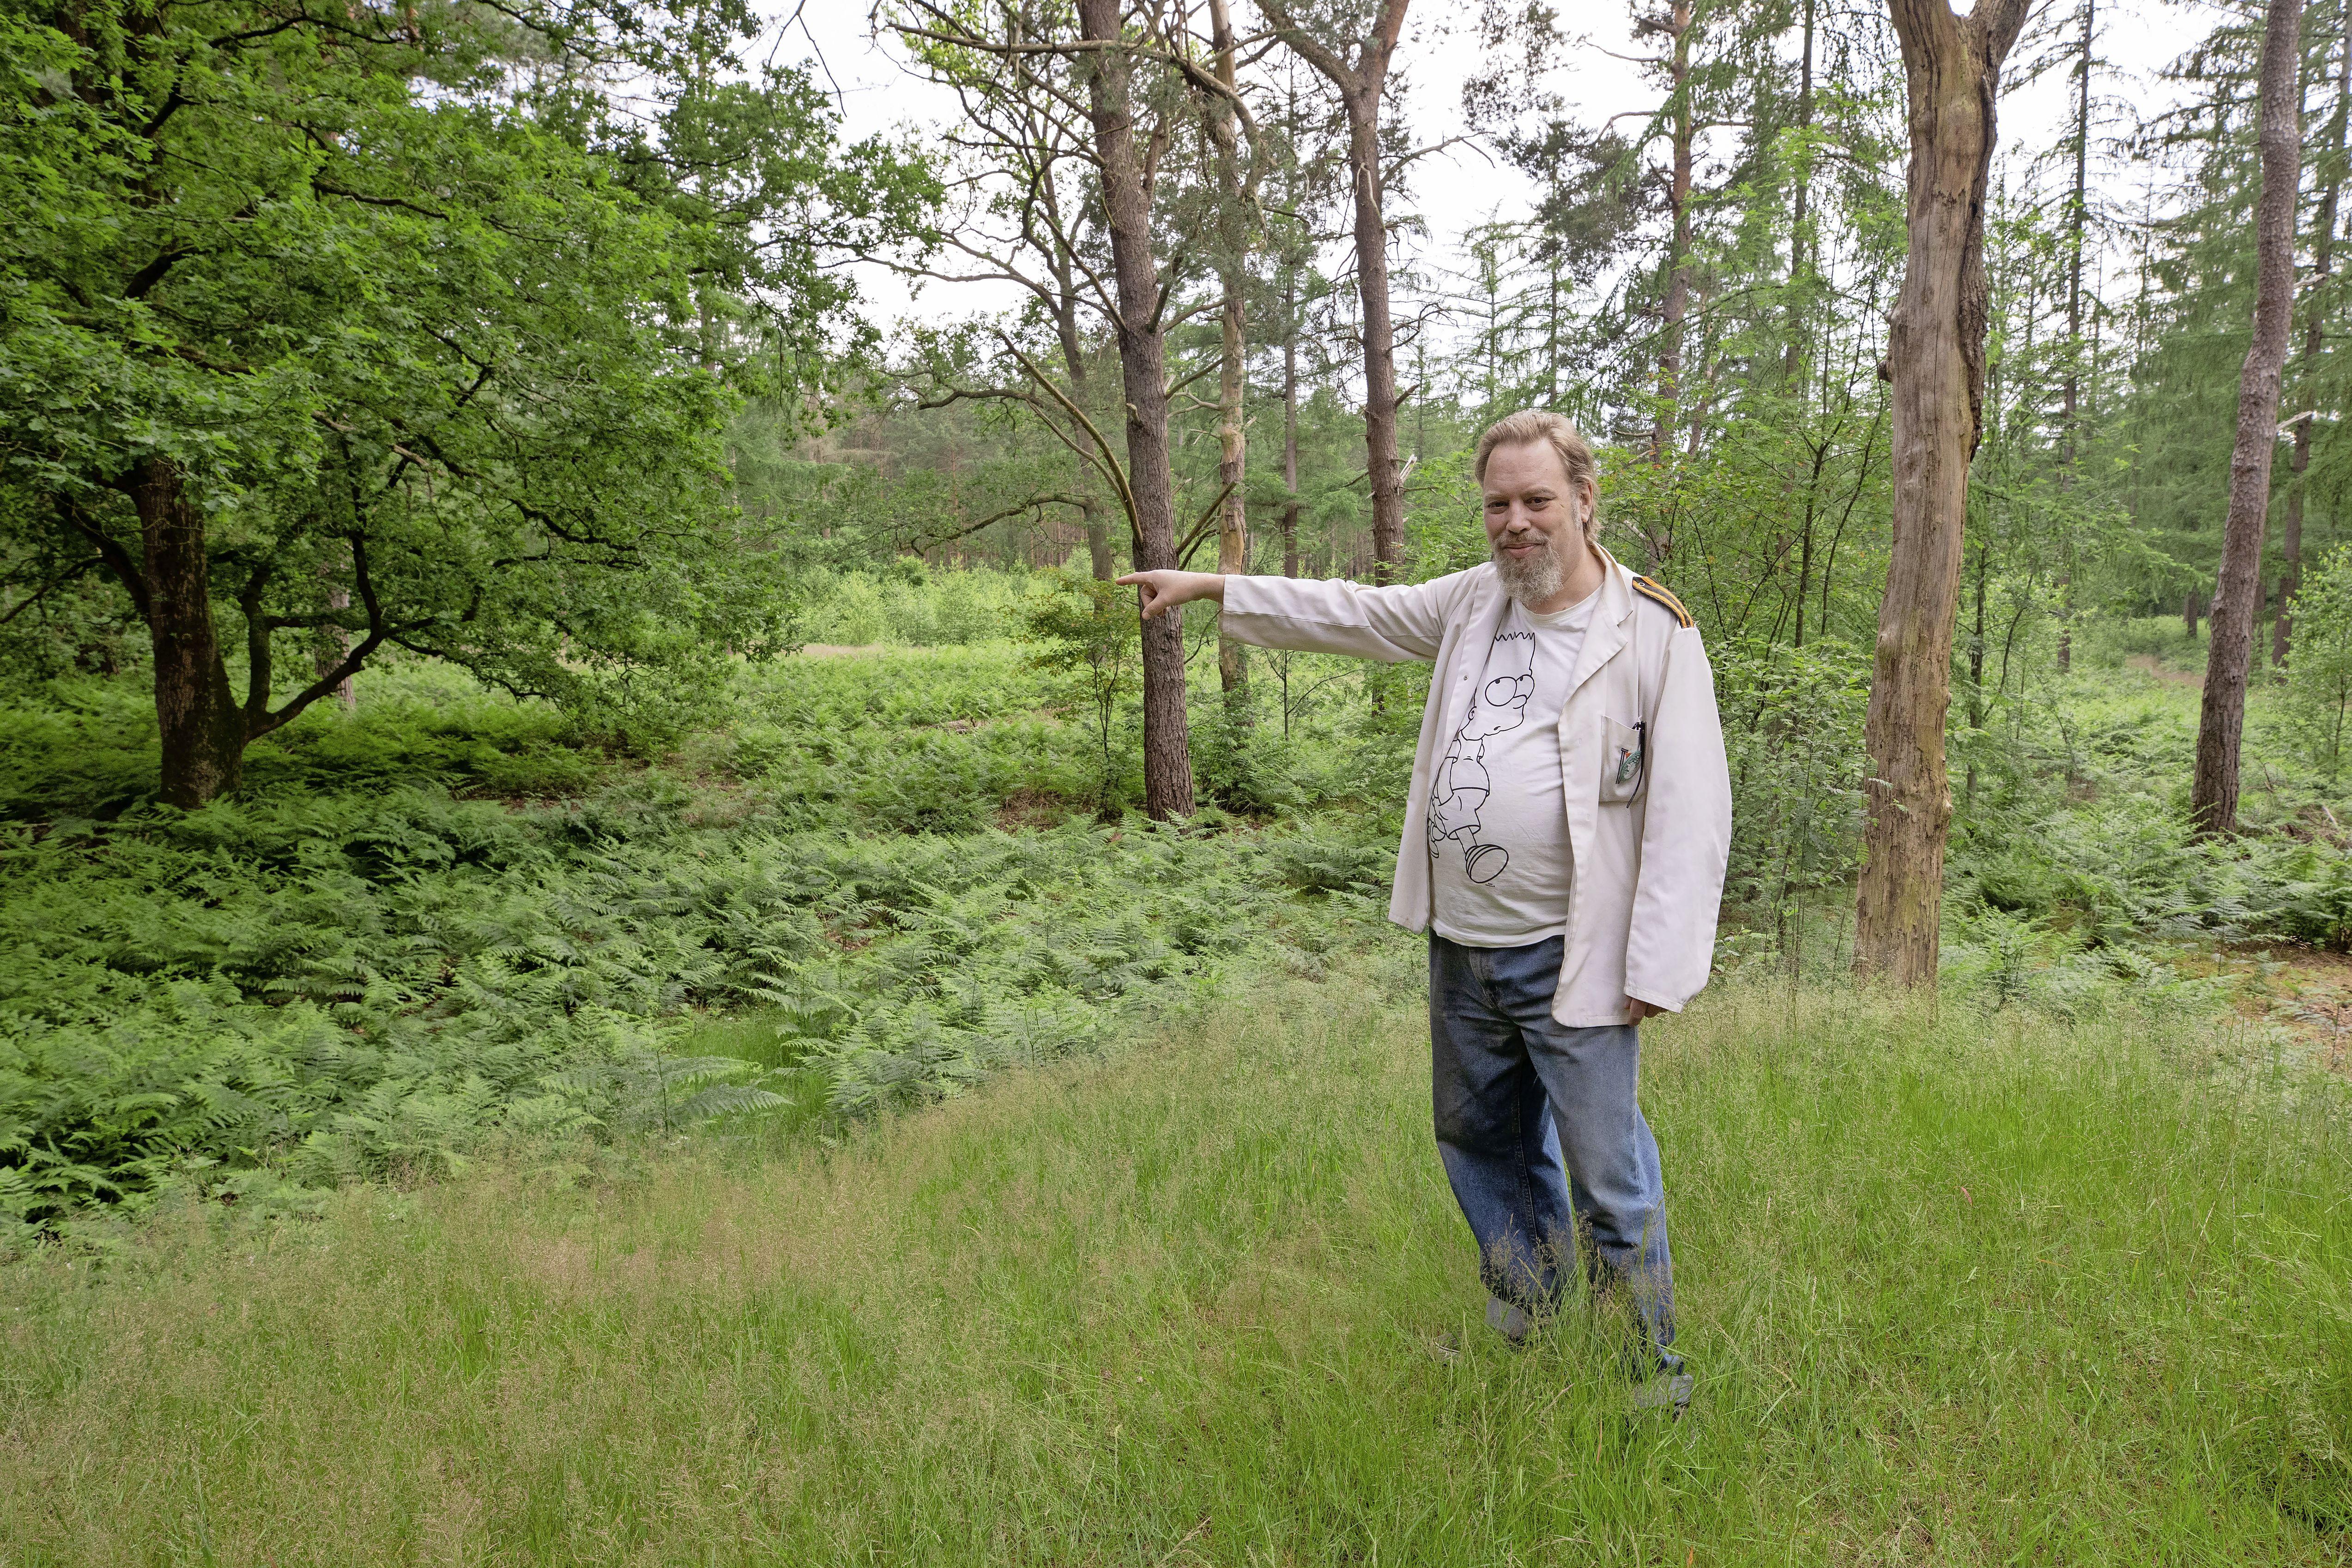 Hoe Yankel de 'Heilige Graal' vond in het Vuursche bos, of: Hoe Lage Vuursche in de verkeerde provincie kwam te liggen; Hilversumse archeoloog lost eeuwenoud raadsel op